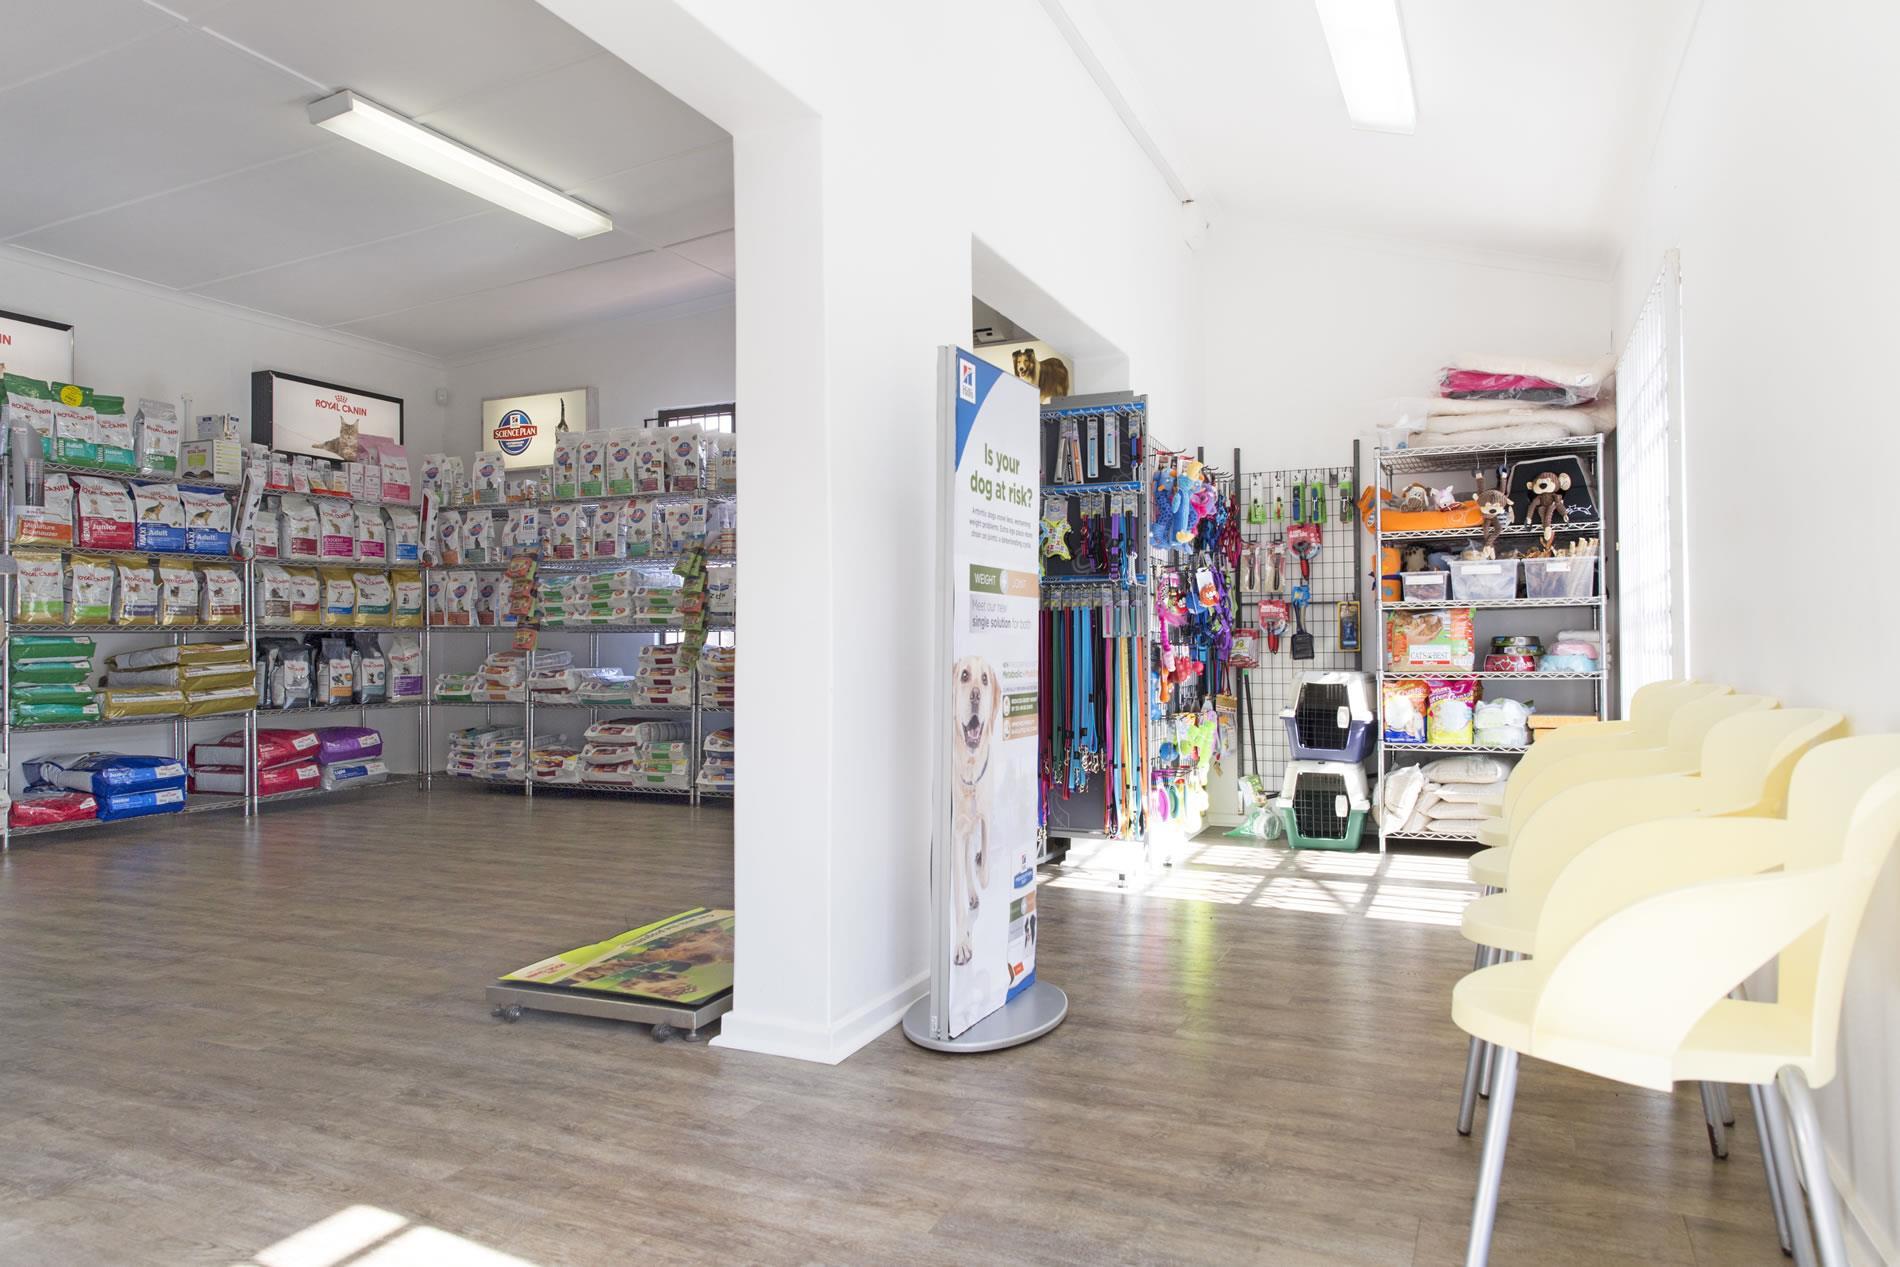 Northway Vet Shop